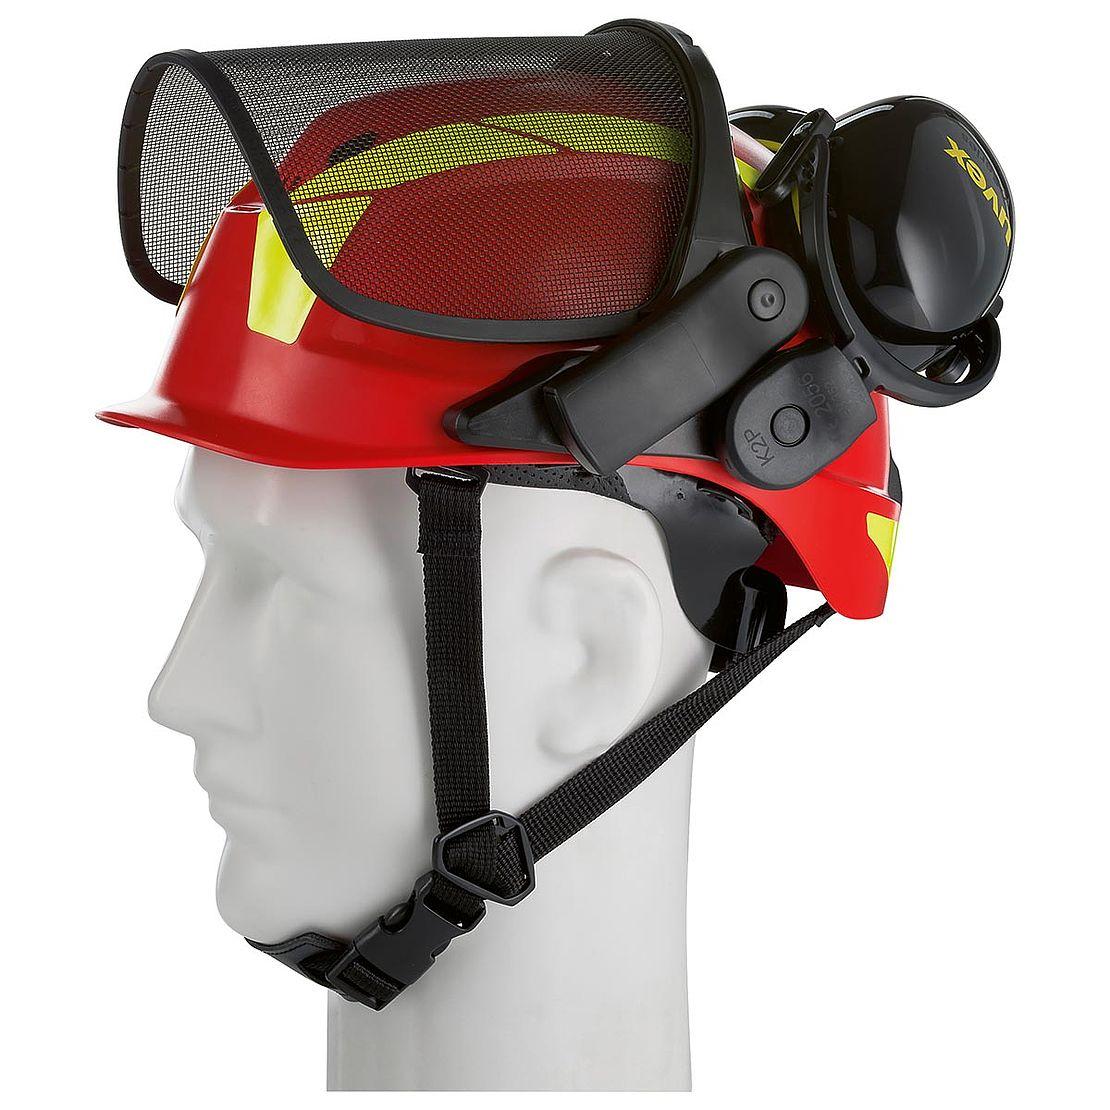 czerwony kask dla pilarzy z osłona twarzy i ochronnikami słuchu